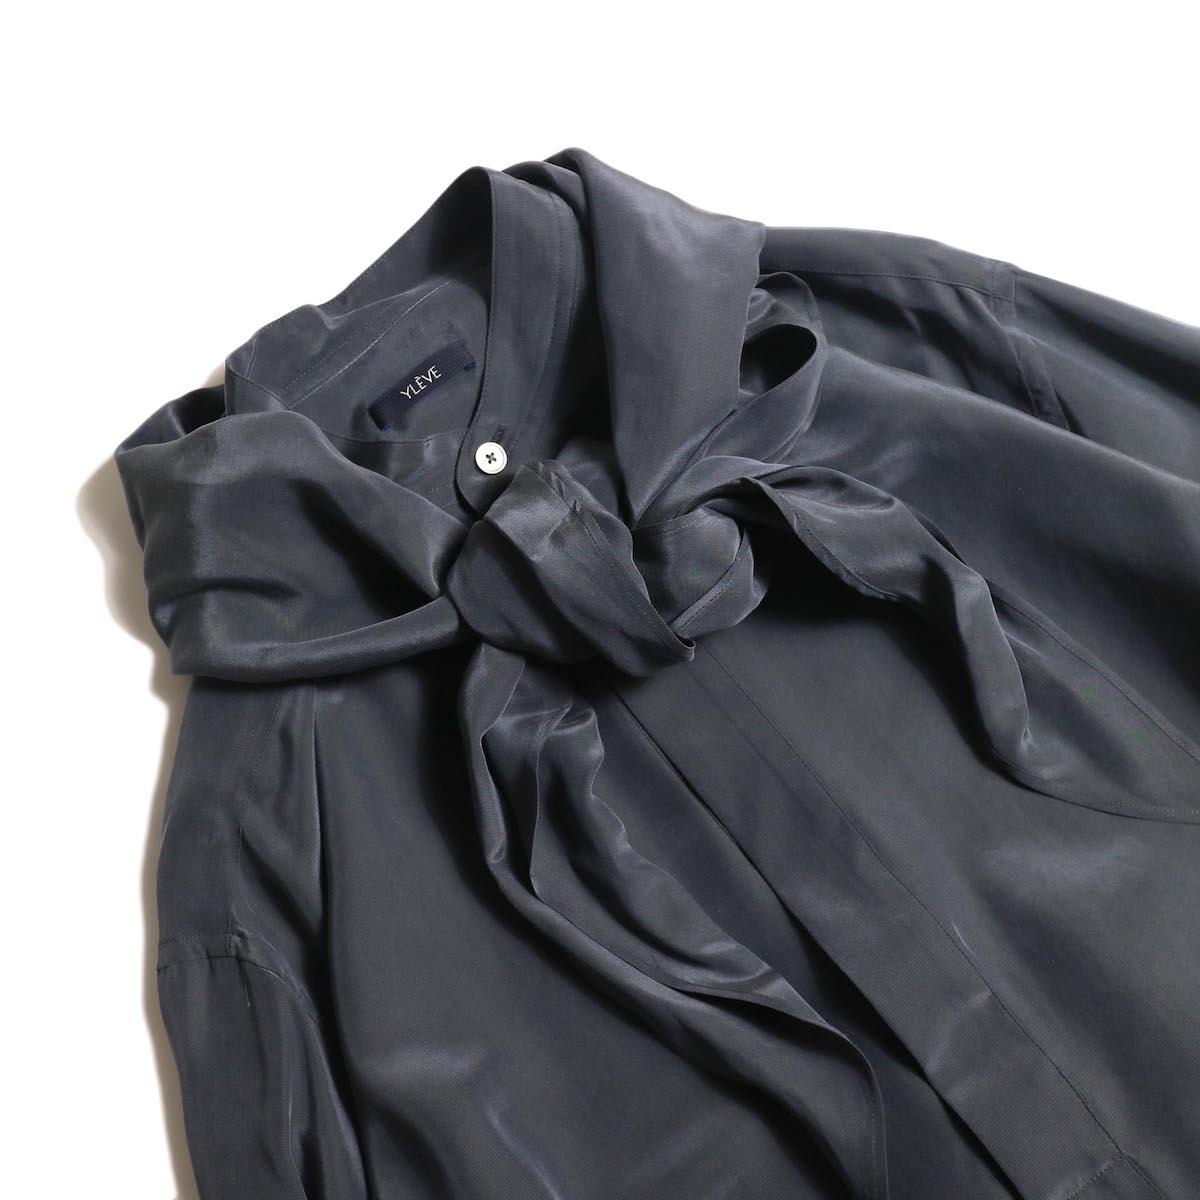 YLEVE / SILK CUPRA SUEDE BL (charcoal) スカーフ付き フロント